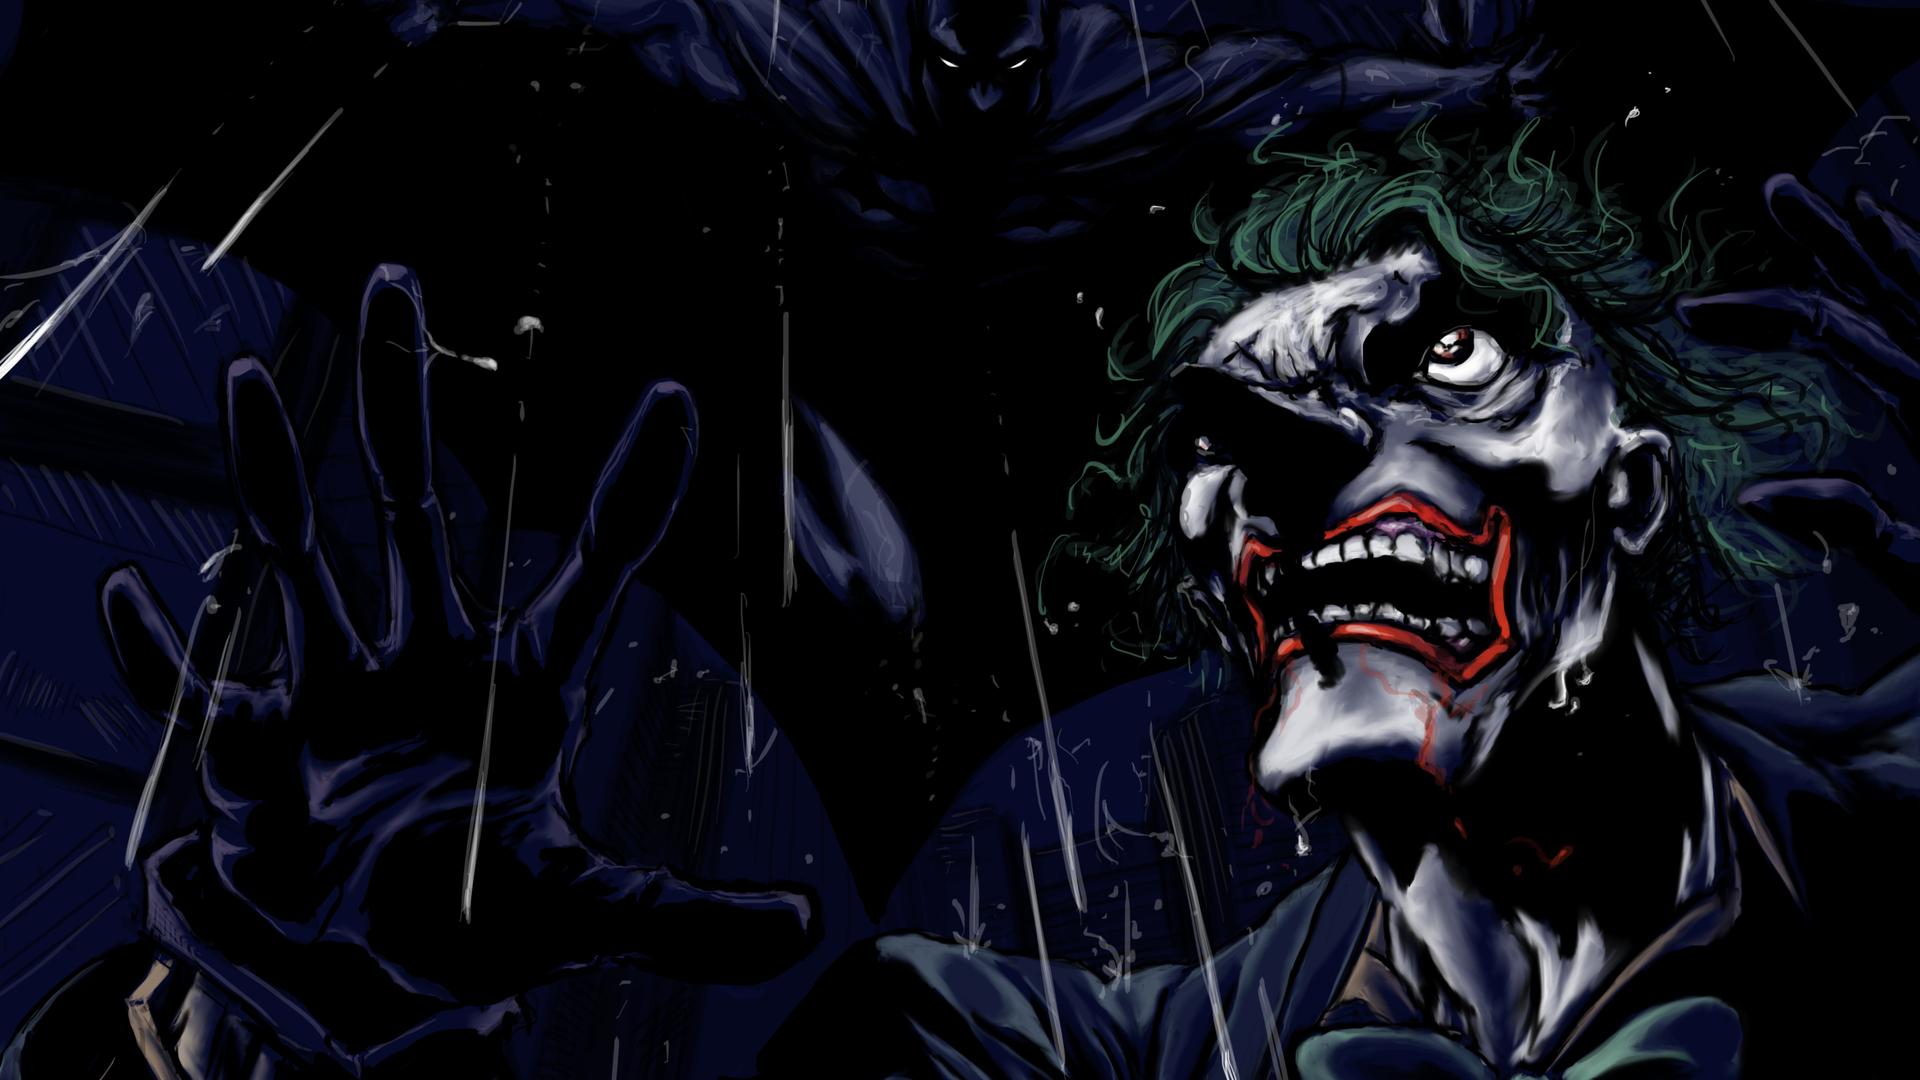 1920x1080 Joker Night 4k Laptop Full Hd 1080p Hd 4k